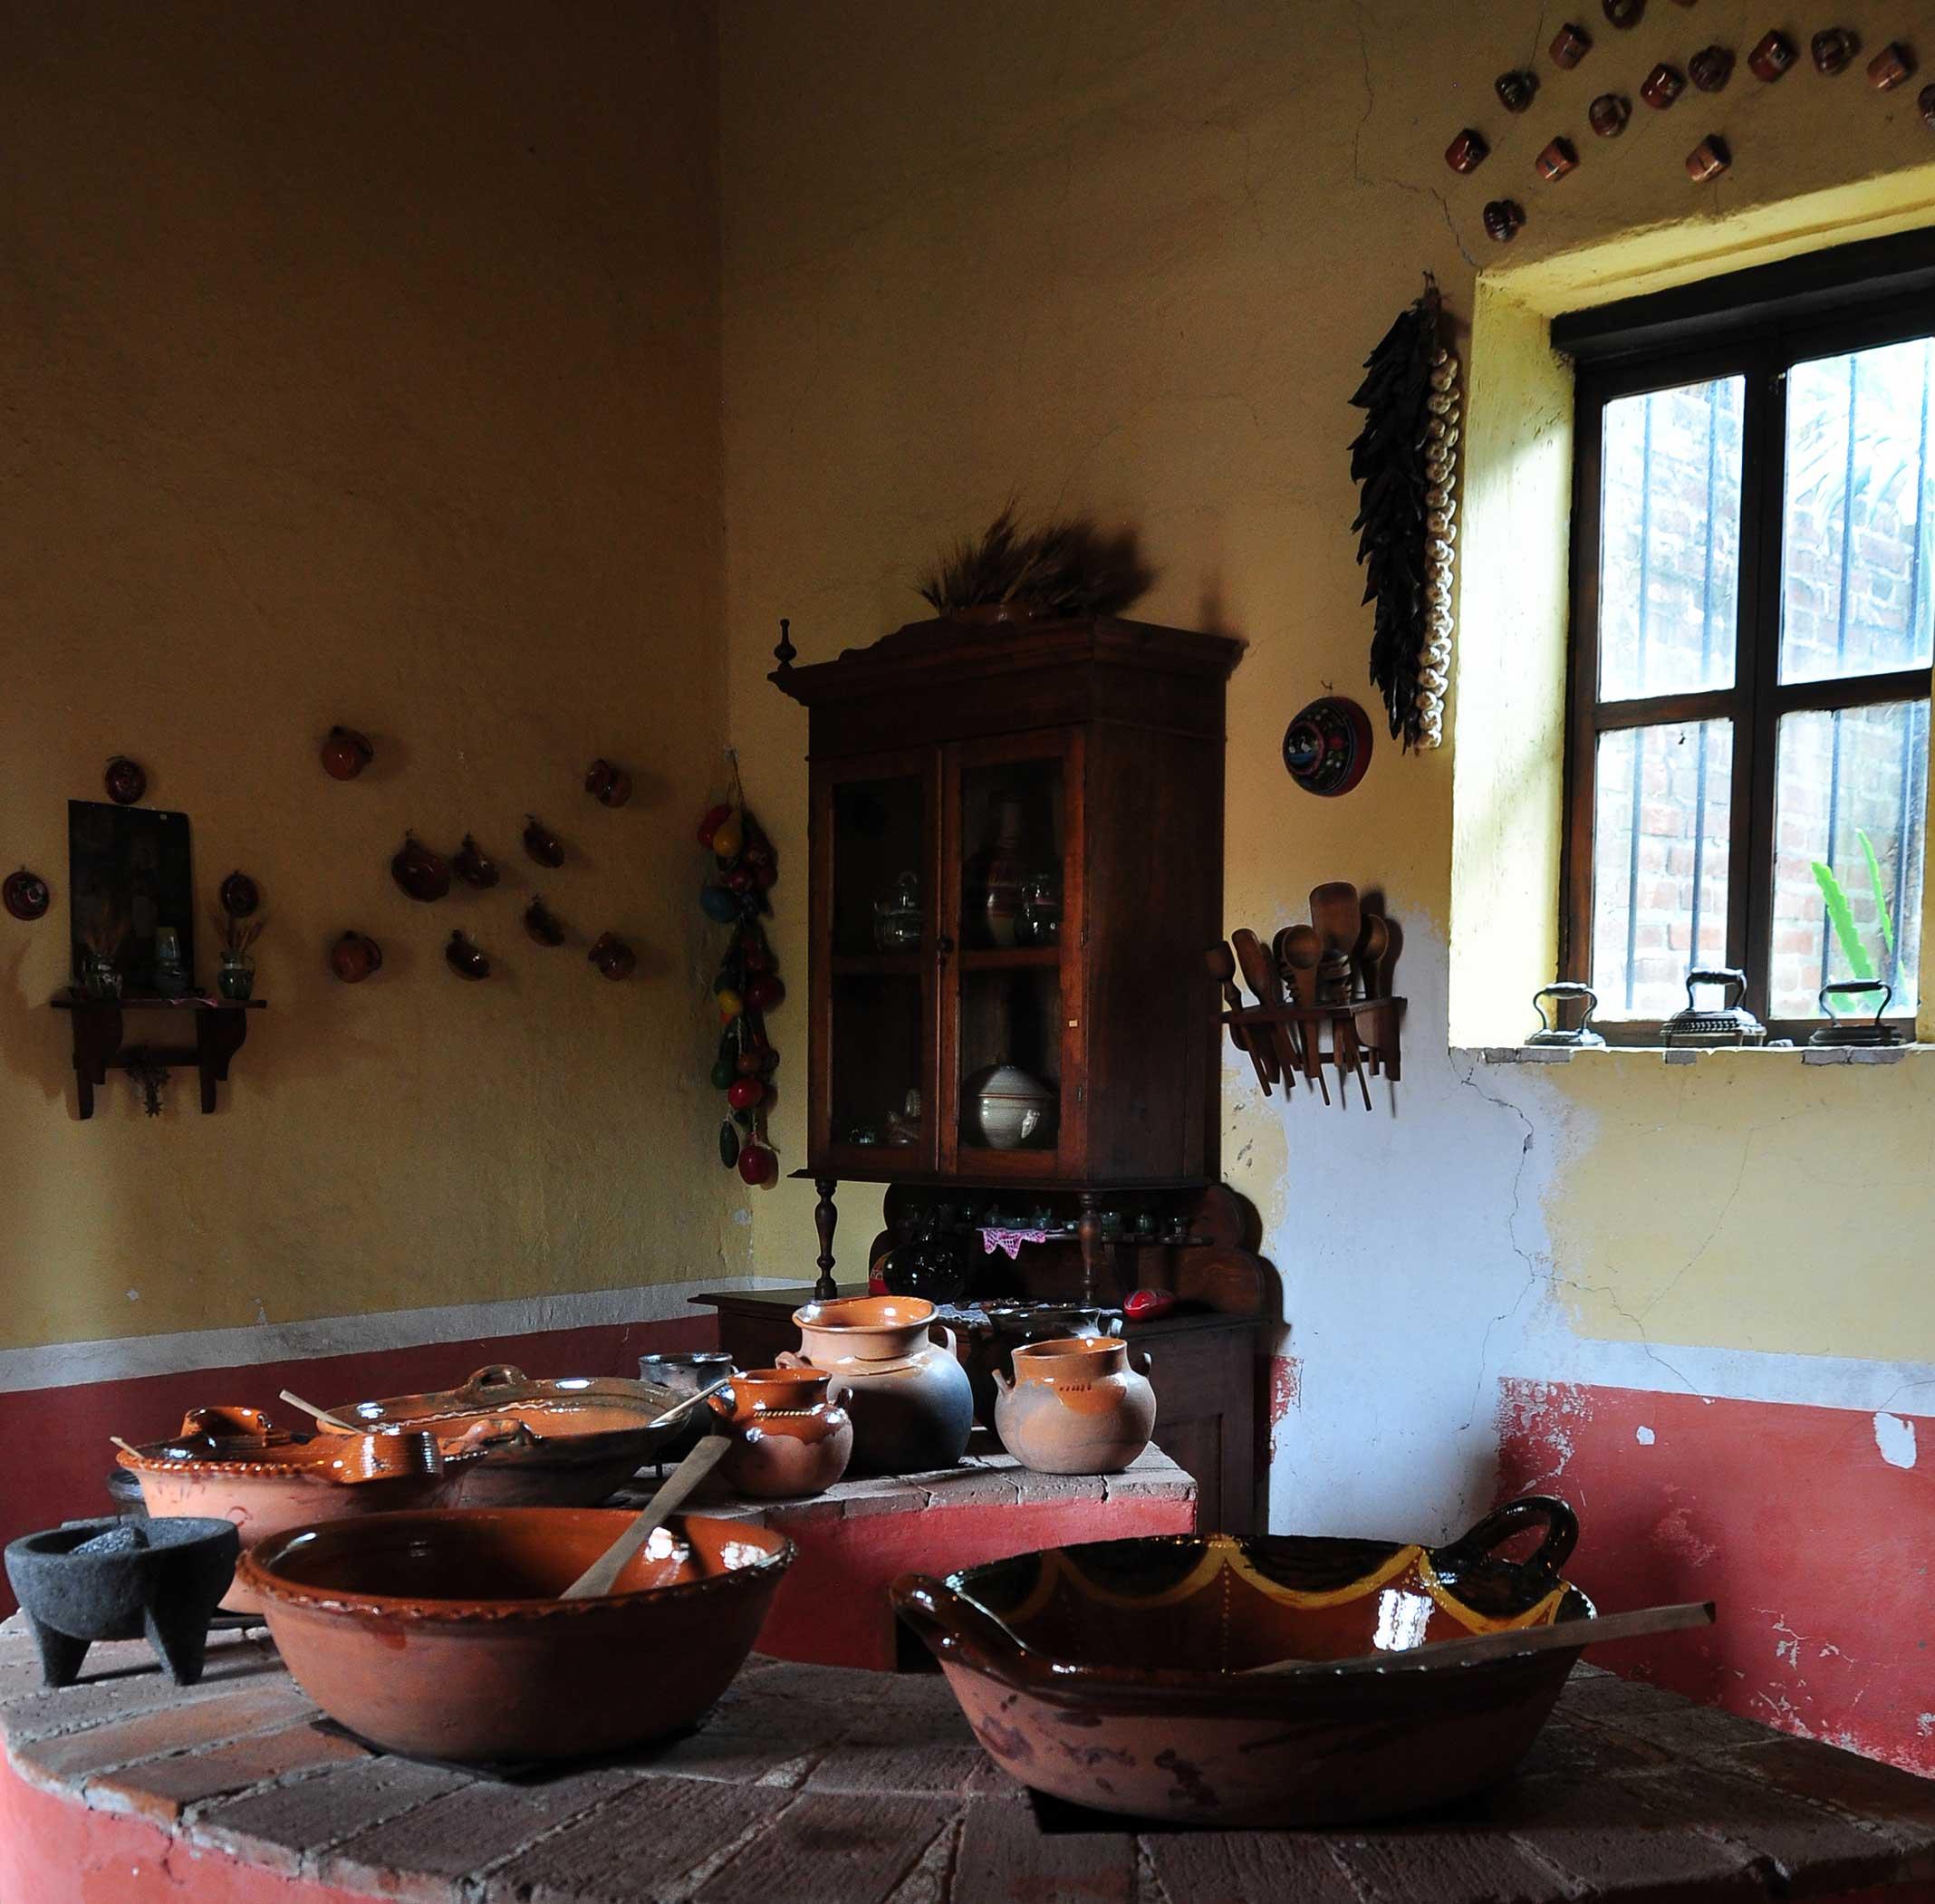 Revaloran el uso de utensilios tradicionales en la cocina for Utensilios de cocina mexicana